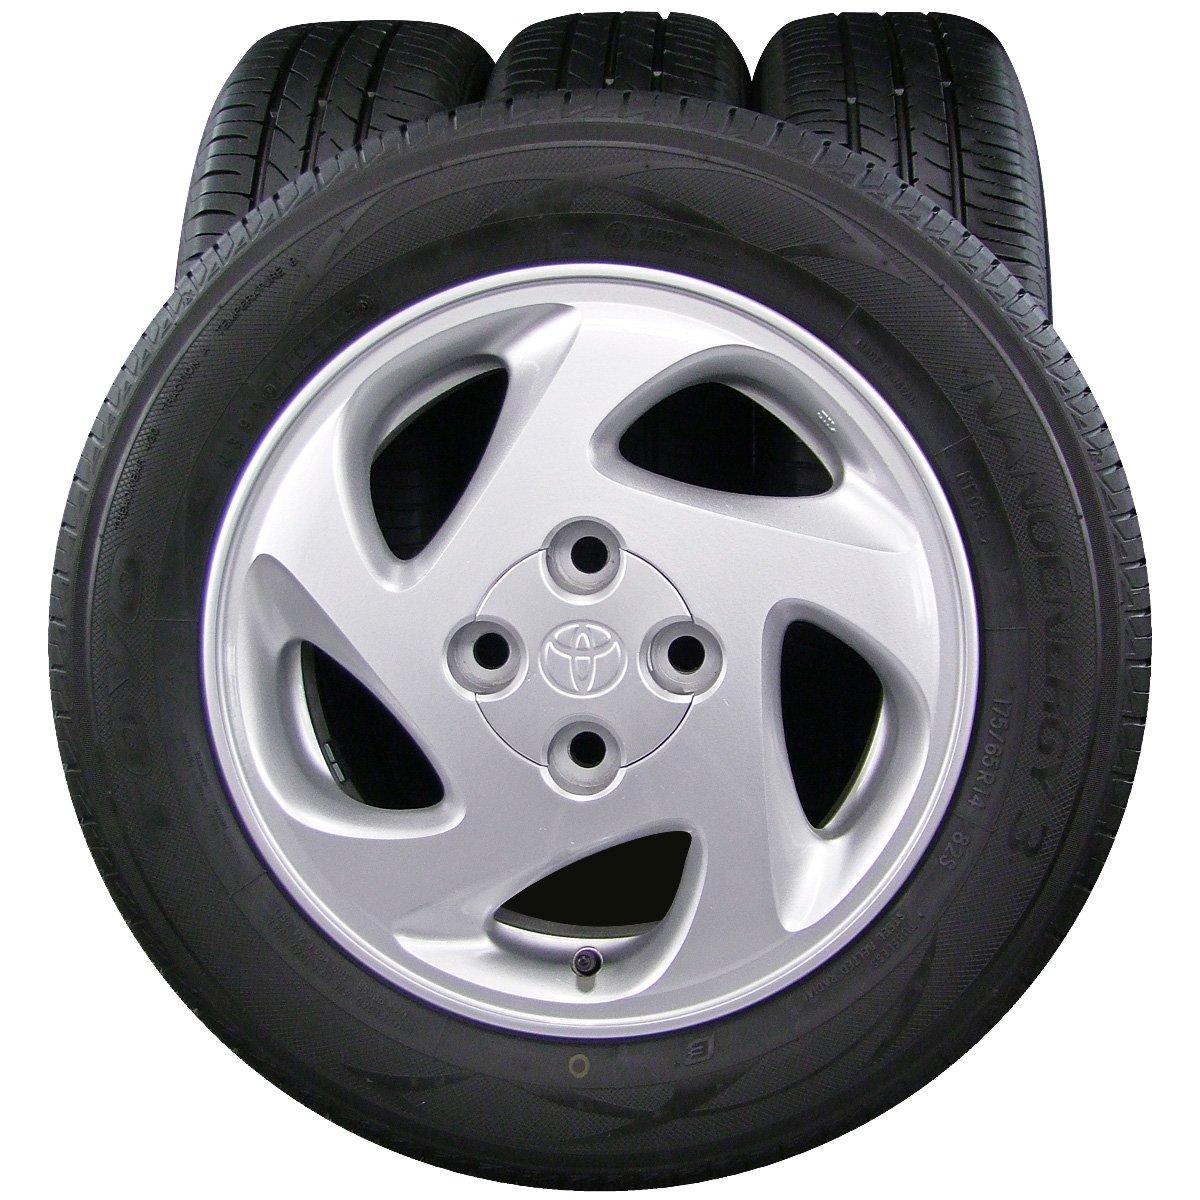 14インチ 4本セット タイヤ&ホイール TOYO (トーヨー) NANOENERGY3 (ナノエナジー3) 175/65R14 TOYOTA (トヨタ) COROLLA (カローラ) SPRINTER (スプリンター) 純正 14×5.5J(+45) PCD100-4穴 B07CYJ1RFH